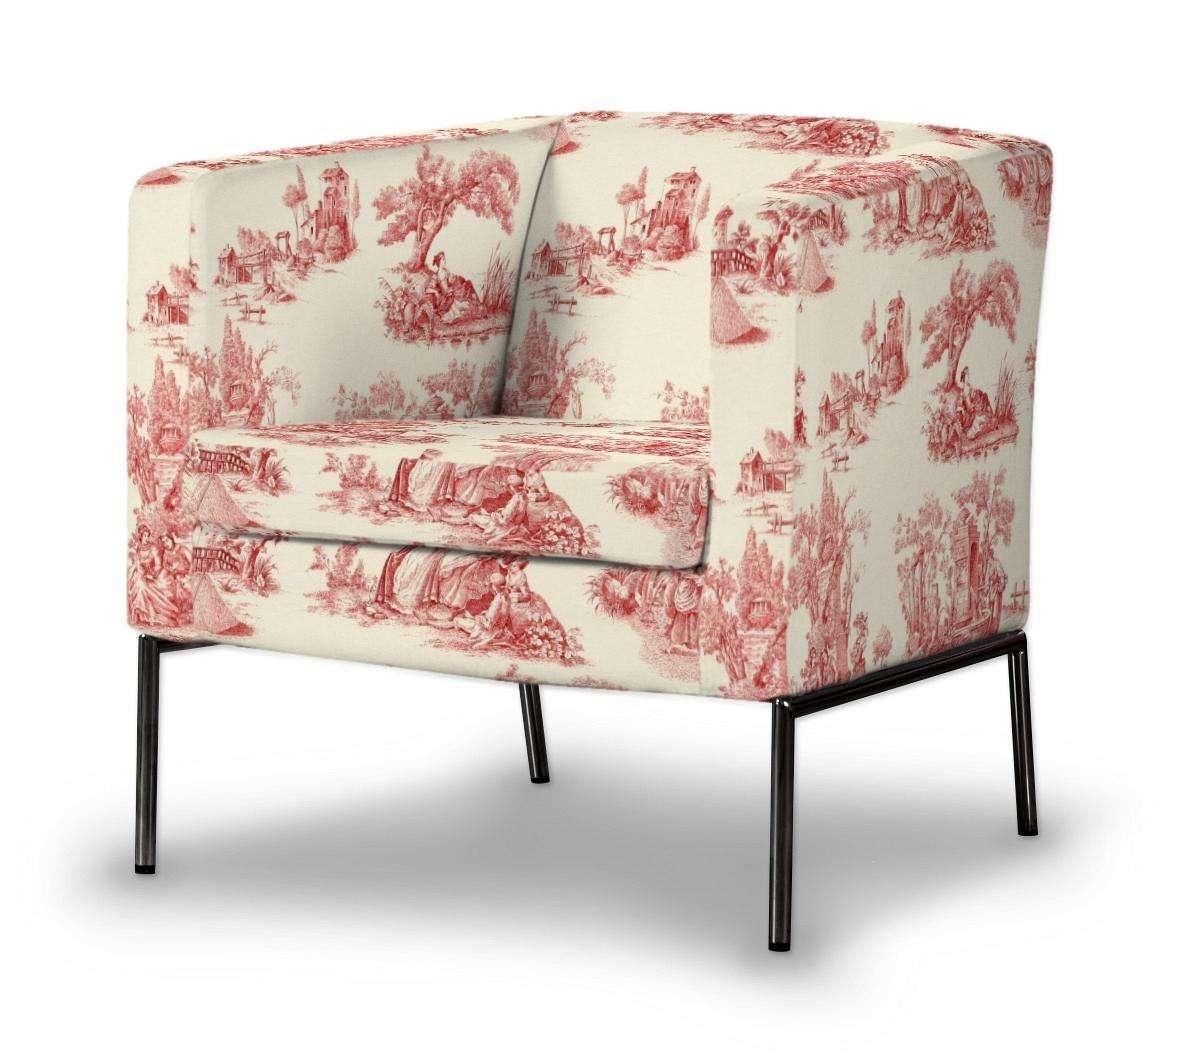 Pokrowiec na fotel Klappsta Fotel Klappsta w kolekcji Avinon, tkanina: 132-15